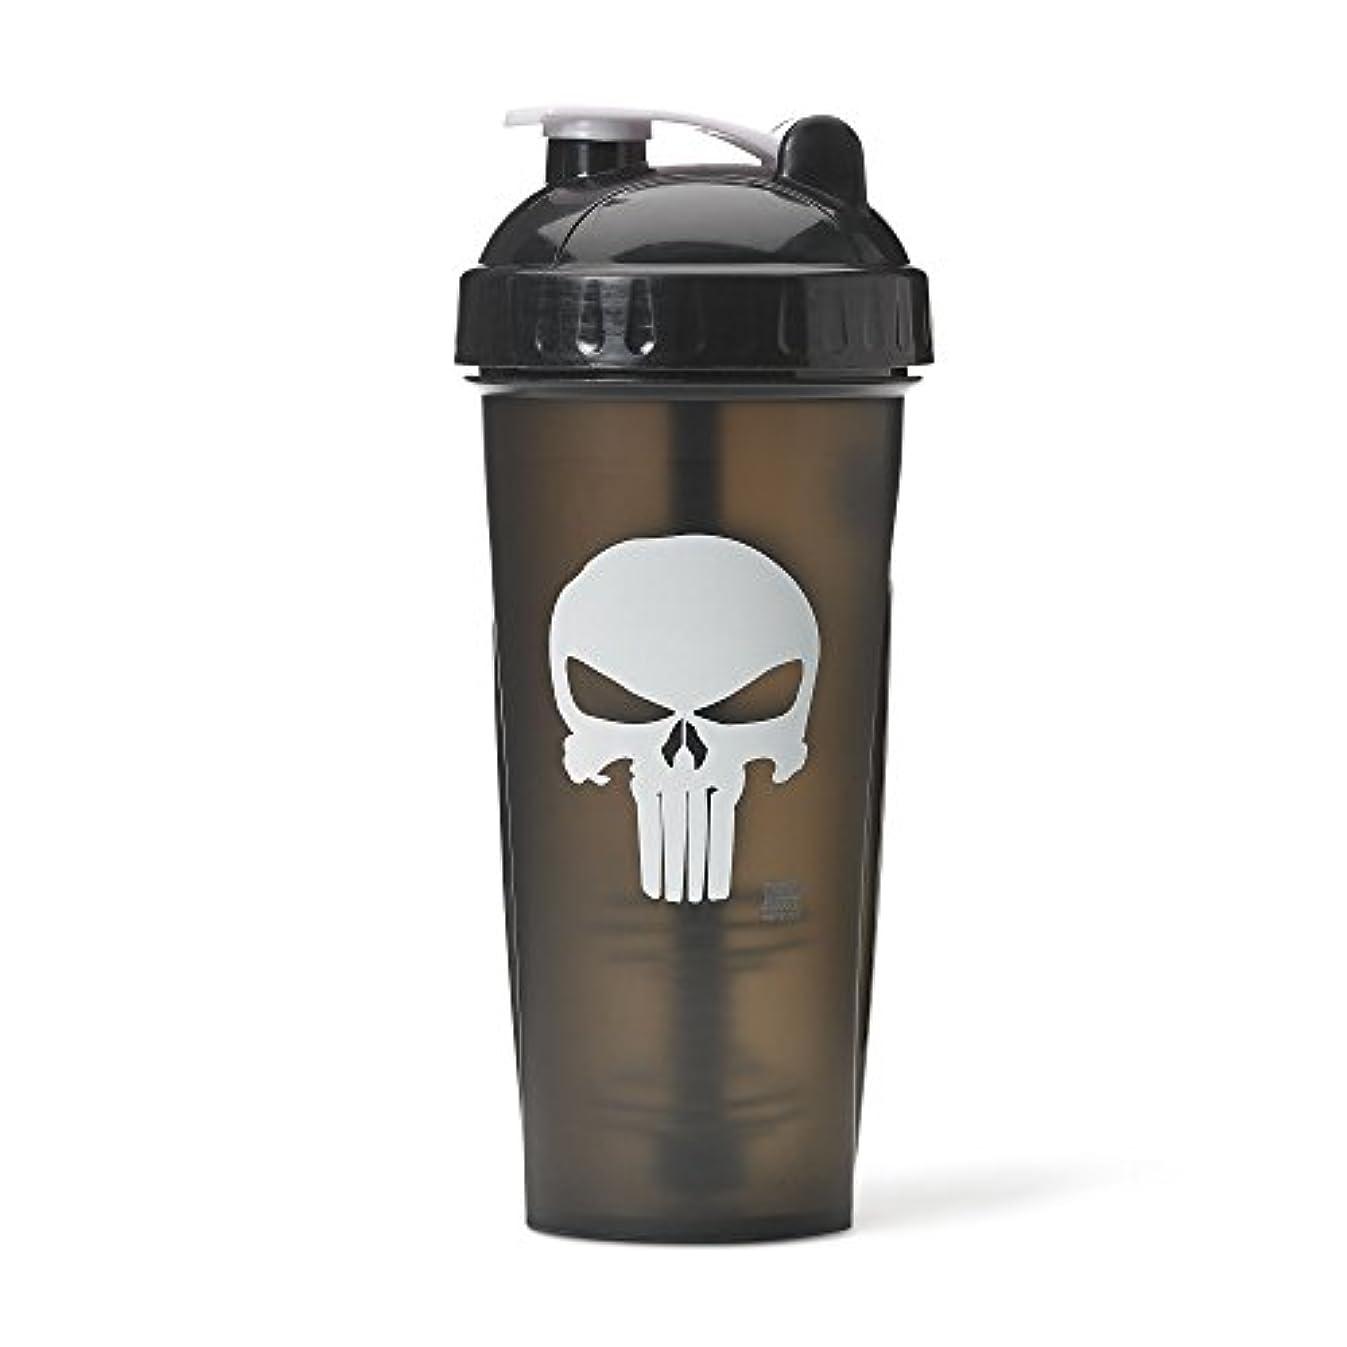 ほこり直径太いPerforma Marvel Shaker - Original Series, Leak Free Protein Shaker Bottle with Actionrod Mixing Technology for...